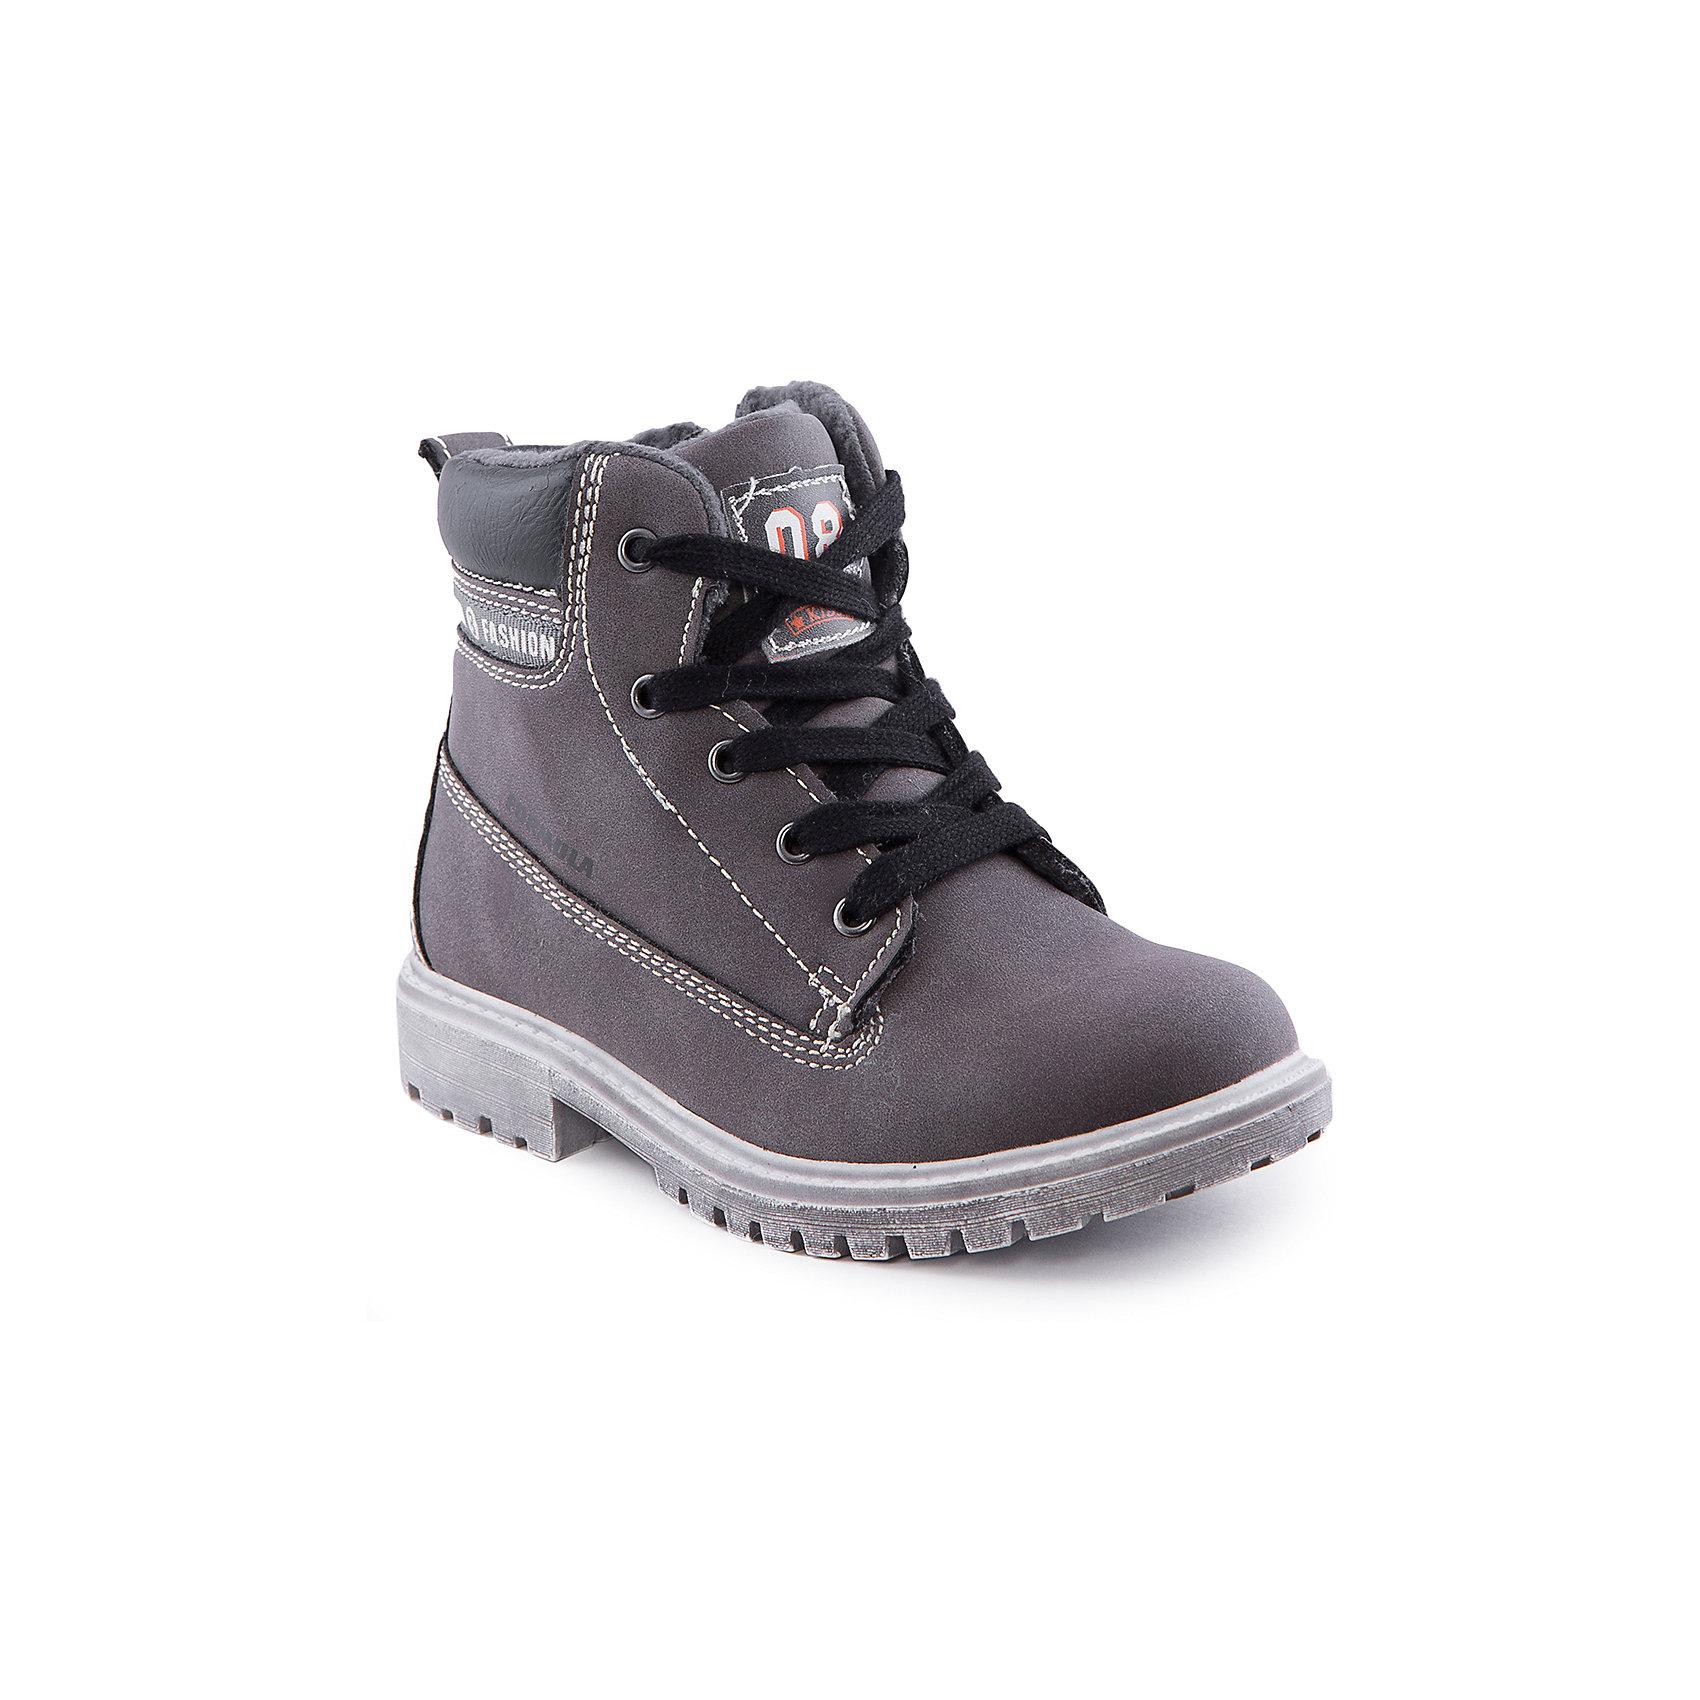 Ботинки для мальчика Indigo kidsБотинки для мальчика от известного бренда Indigo kids<br><br>Стильные ботинки под замшу, очень удобные. Оригинальный дизайн делает эту модель стильной и привлекающей внимание. Ботинки легко надеваются благодаря шнуровке и молнии и комфортно садятся по ноге. <br><br>Особенности модели:<br><br>- цвет - серый;<br>- под замшу;<br>- стильный дизайн;<br>- удобная колодка;<br>- байковая подкладка;<br>- украшены принтом;<br>- устойчивая подошва;<br>- высокие;<br>- белая прострочка;<br>- застежки: шнуровка, молния.<br><br>Дополнительная информация:<br><br>Температурный режим:<br>от +5° С до +15° С<br><br>Состав:<br><br>верх – искусственная кожа;<br>подкладка - байка;<br>подошва - ТЭП.<br><br>Ботинки для мальчика Indigo kids (Индиго Кидс) можно купить в нашем магазине.<br><br>Ширина мм: 262<br>Глубина мм: 176<br>Высота мм: 97<br>Вес г: 427<br>Цвет: серый<br>Возраст от месяцев: 96<br>Возраст до месяцев: 108<br>Пол: Мужской<br>Возраст: Детский<br>Размер: 32,30,28,29,33,31<br>SKU: 4520167